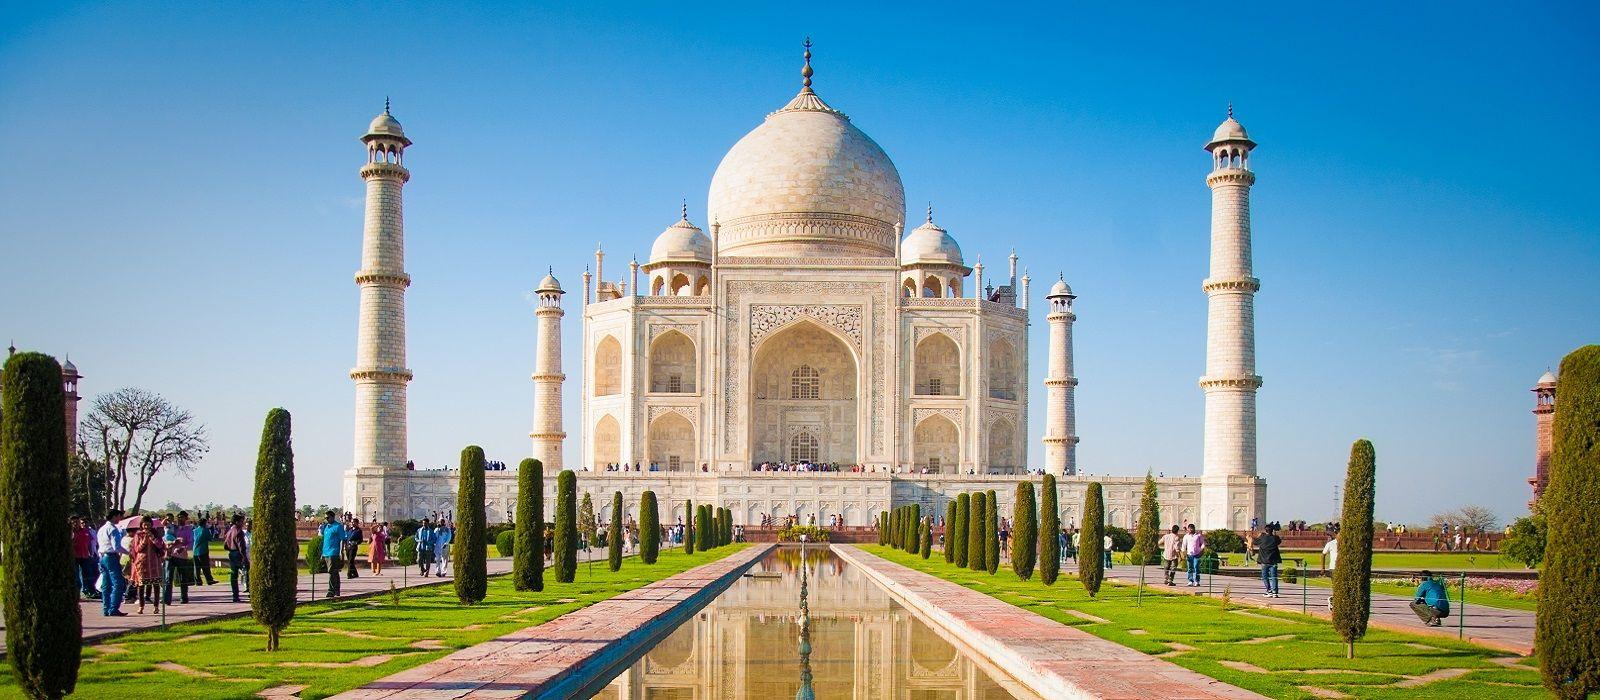 Trident Exklusiv: Kulturelle Höhepunkte Nordindiens Urlaub 2